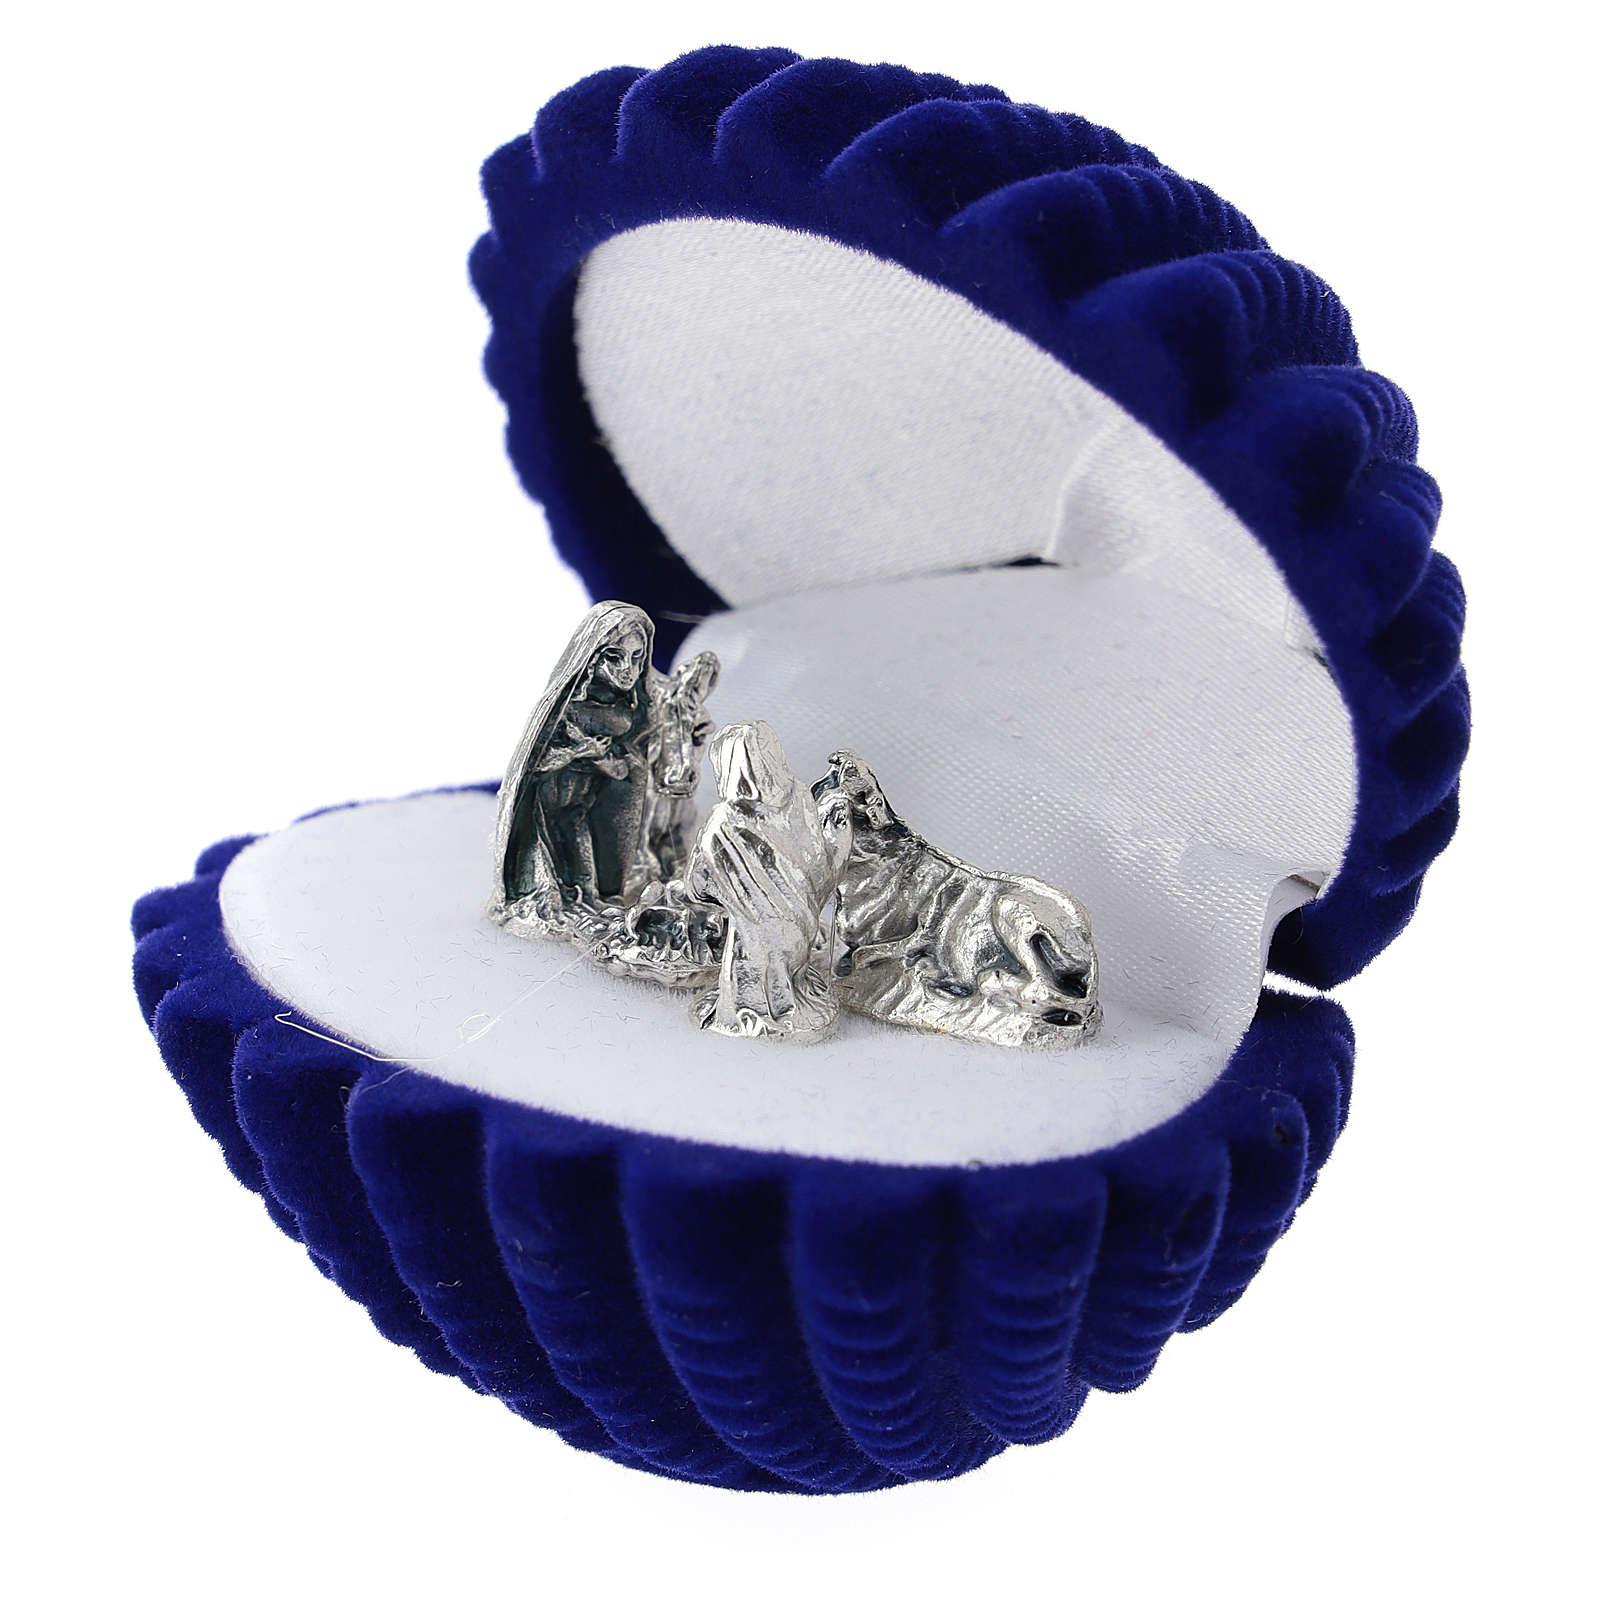 Coffret nativité velours bleu en coquillage 3